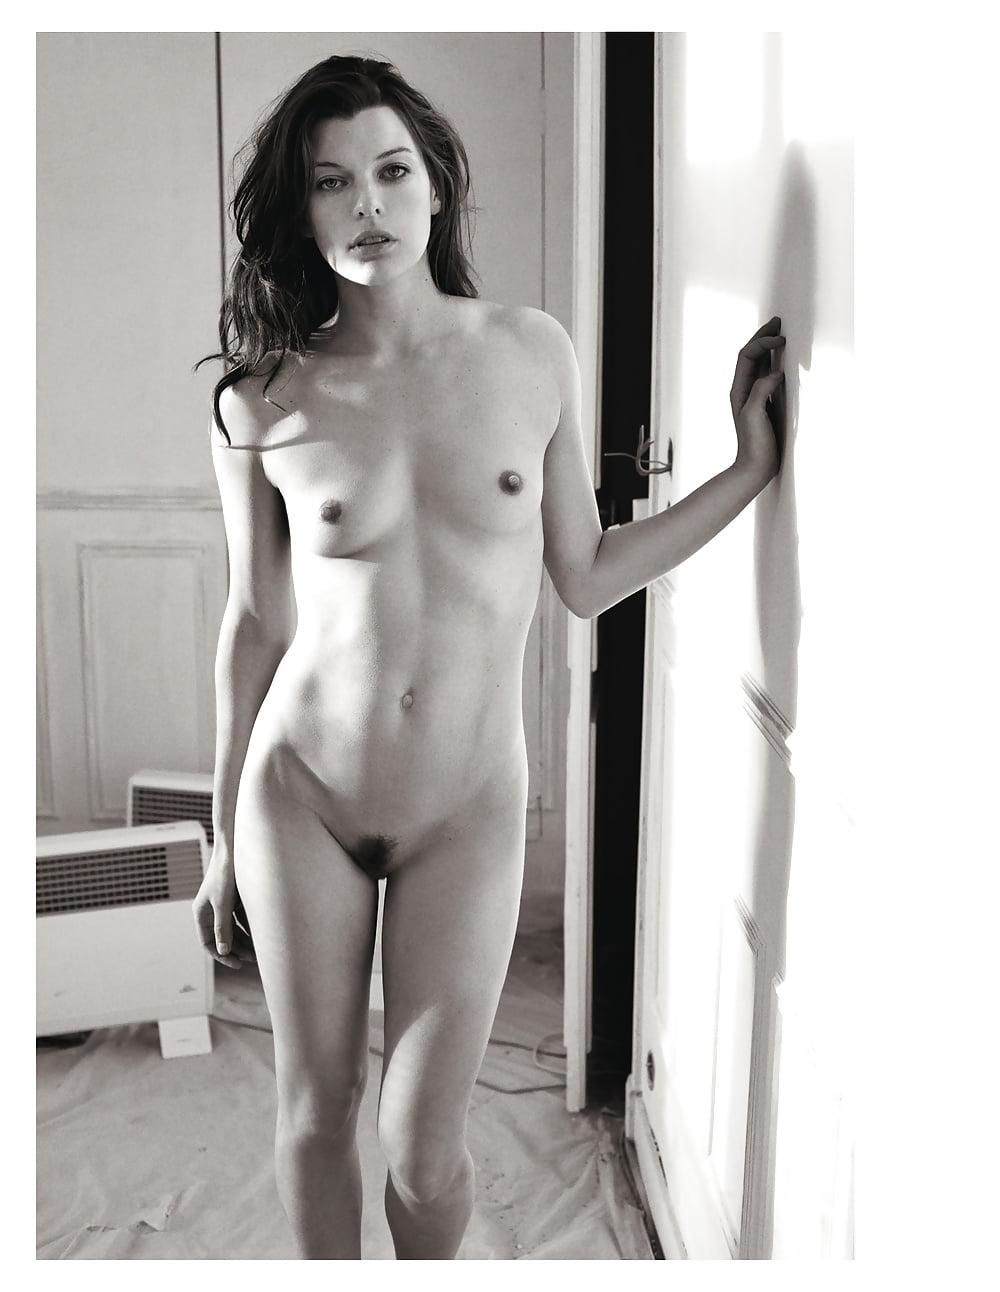 Milla jovovich tumblr nude — 7